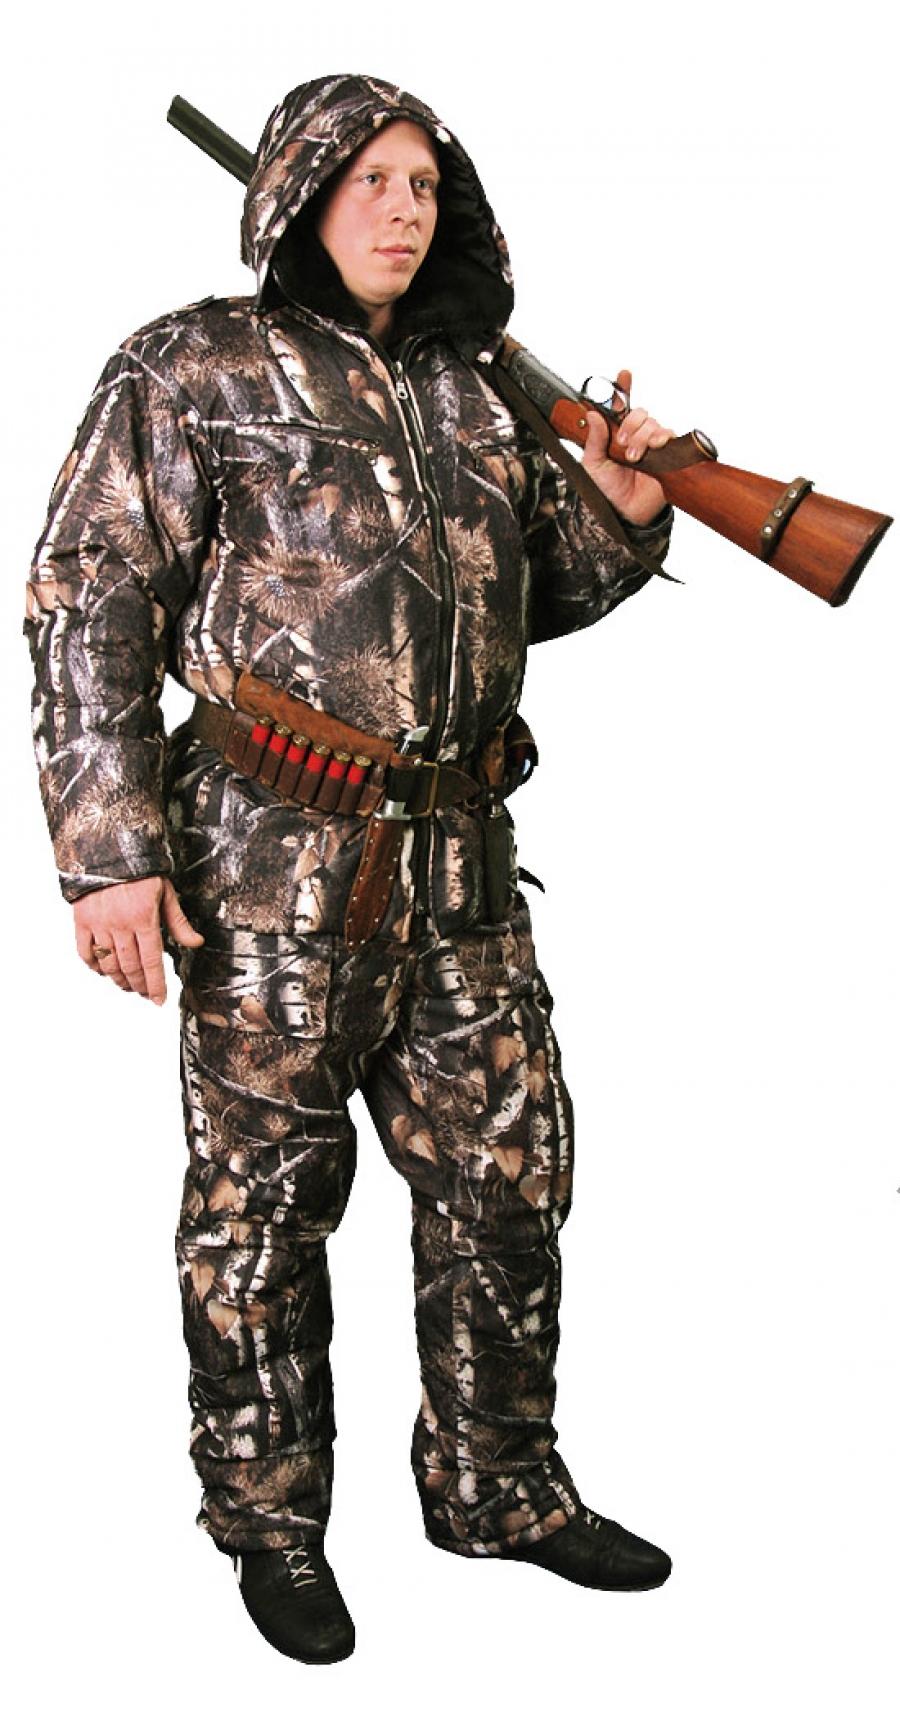 Сбор заказов.Распродажа!Очень низкие цены!Без рядов!Одежда для охоты,рыбалки,туризма - от Стайер-Текс.Выкуп-19.